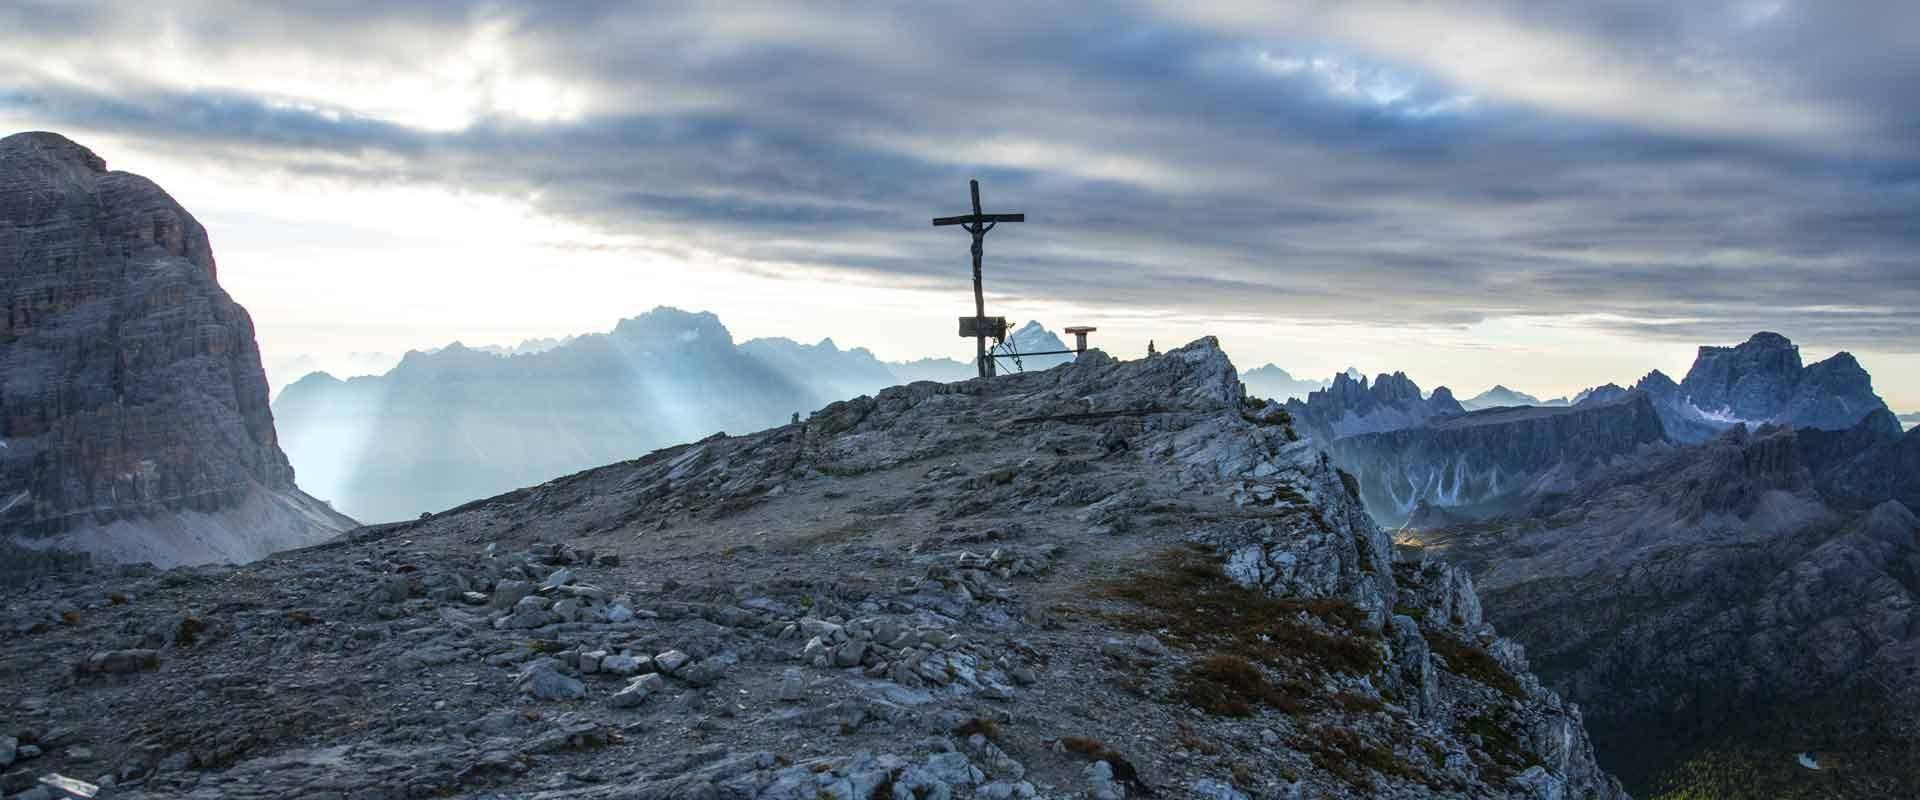 Croce di Vetta del Lagazuoi - foto: Stefano Zardini